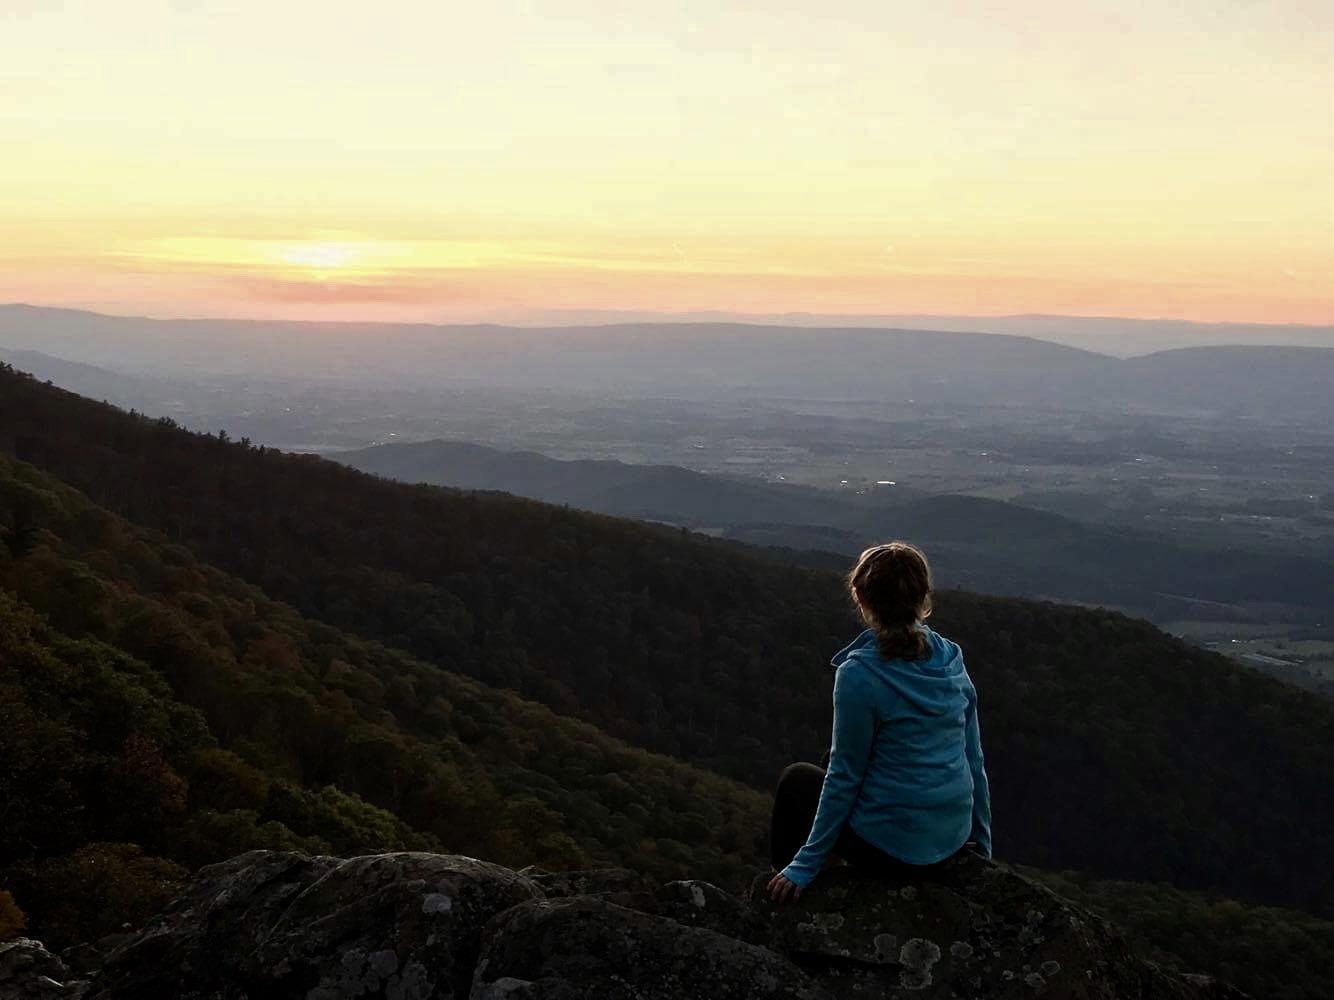 Best Hikes in Shenandoah National Park